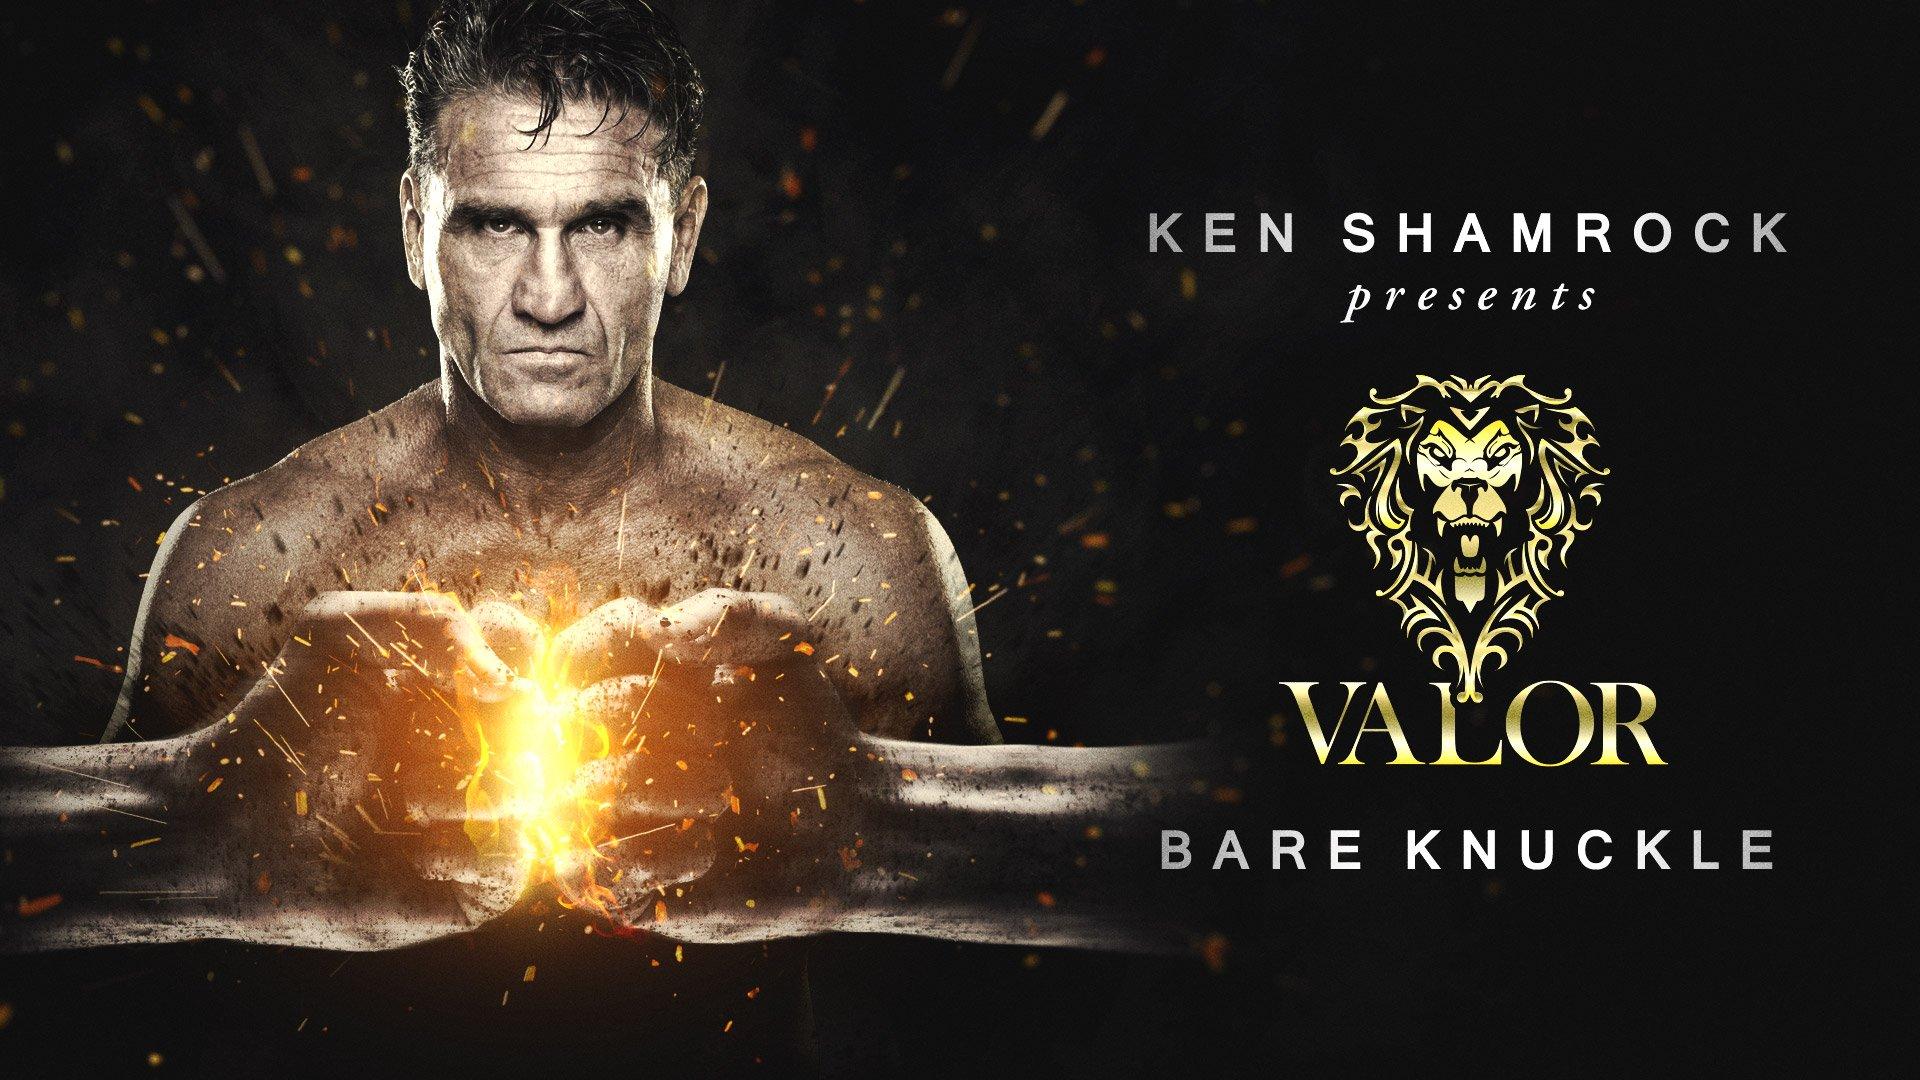 Ken Shamrock and Des Woodruff launch Valor Bare Knuckle Inc.